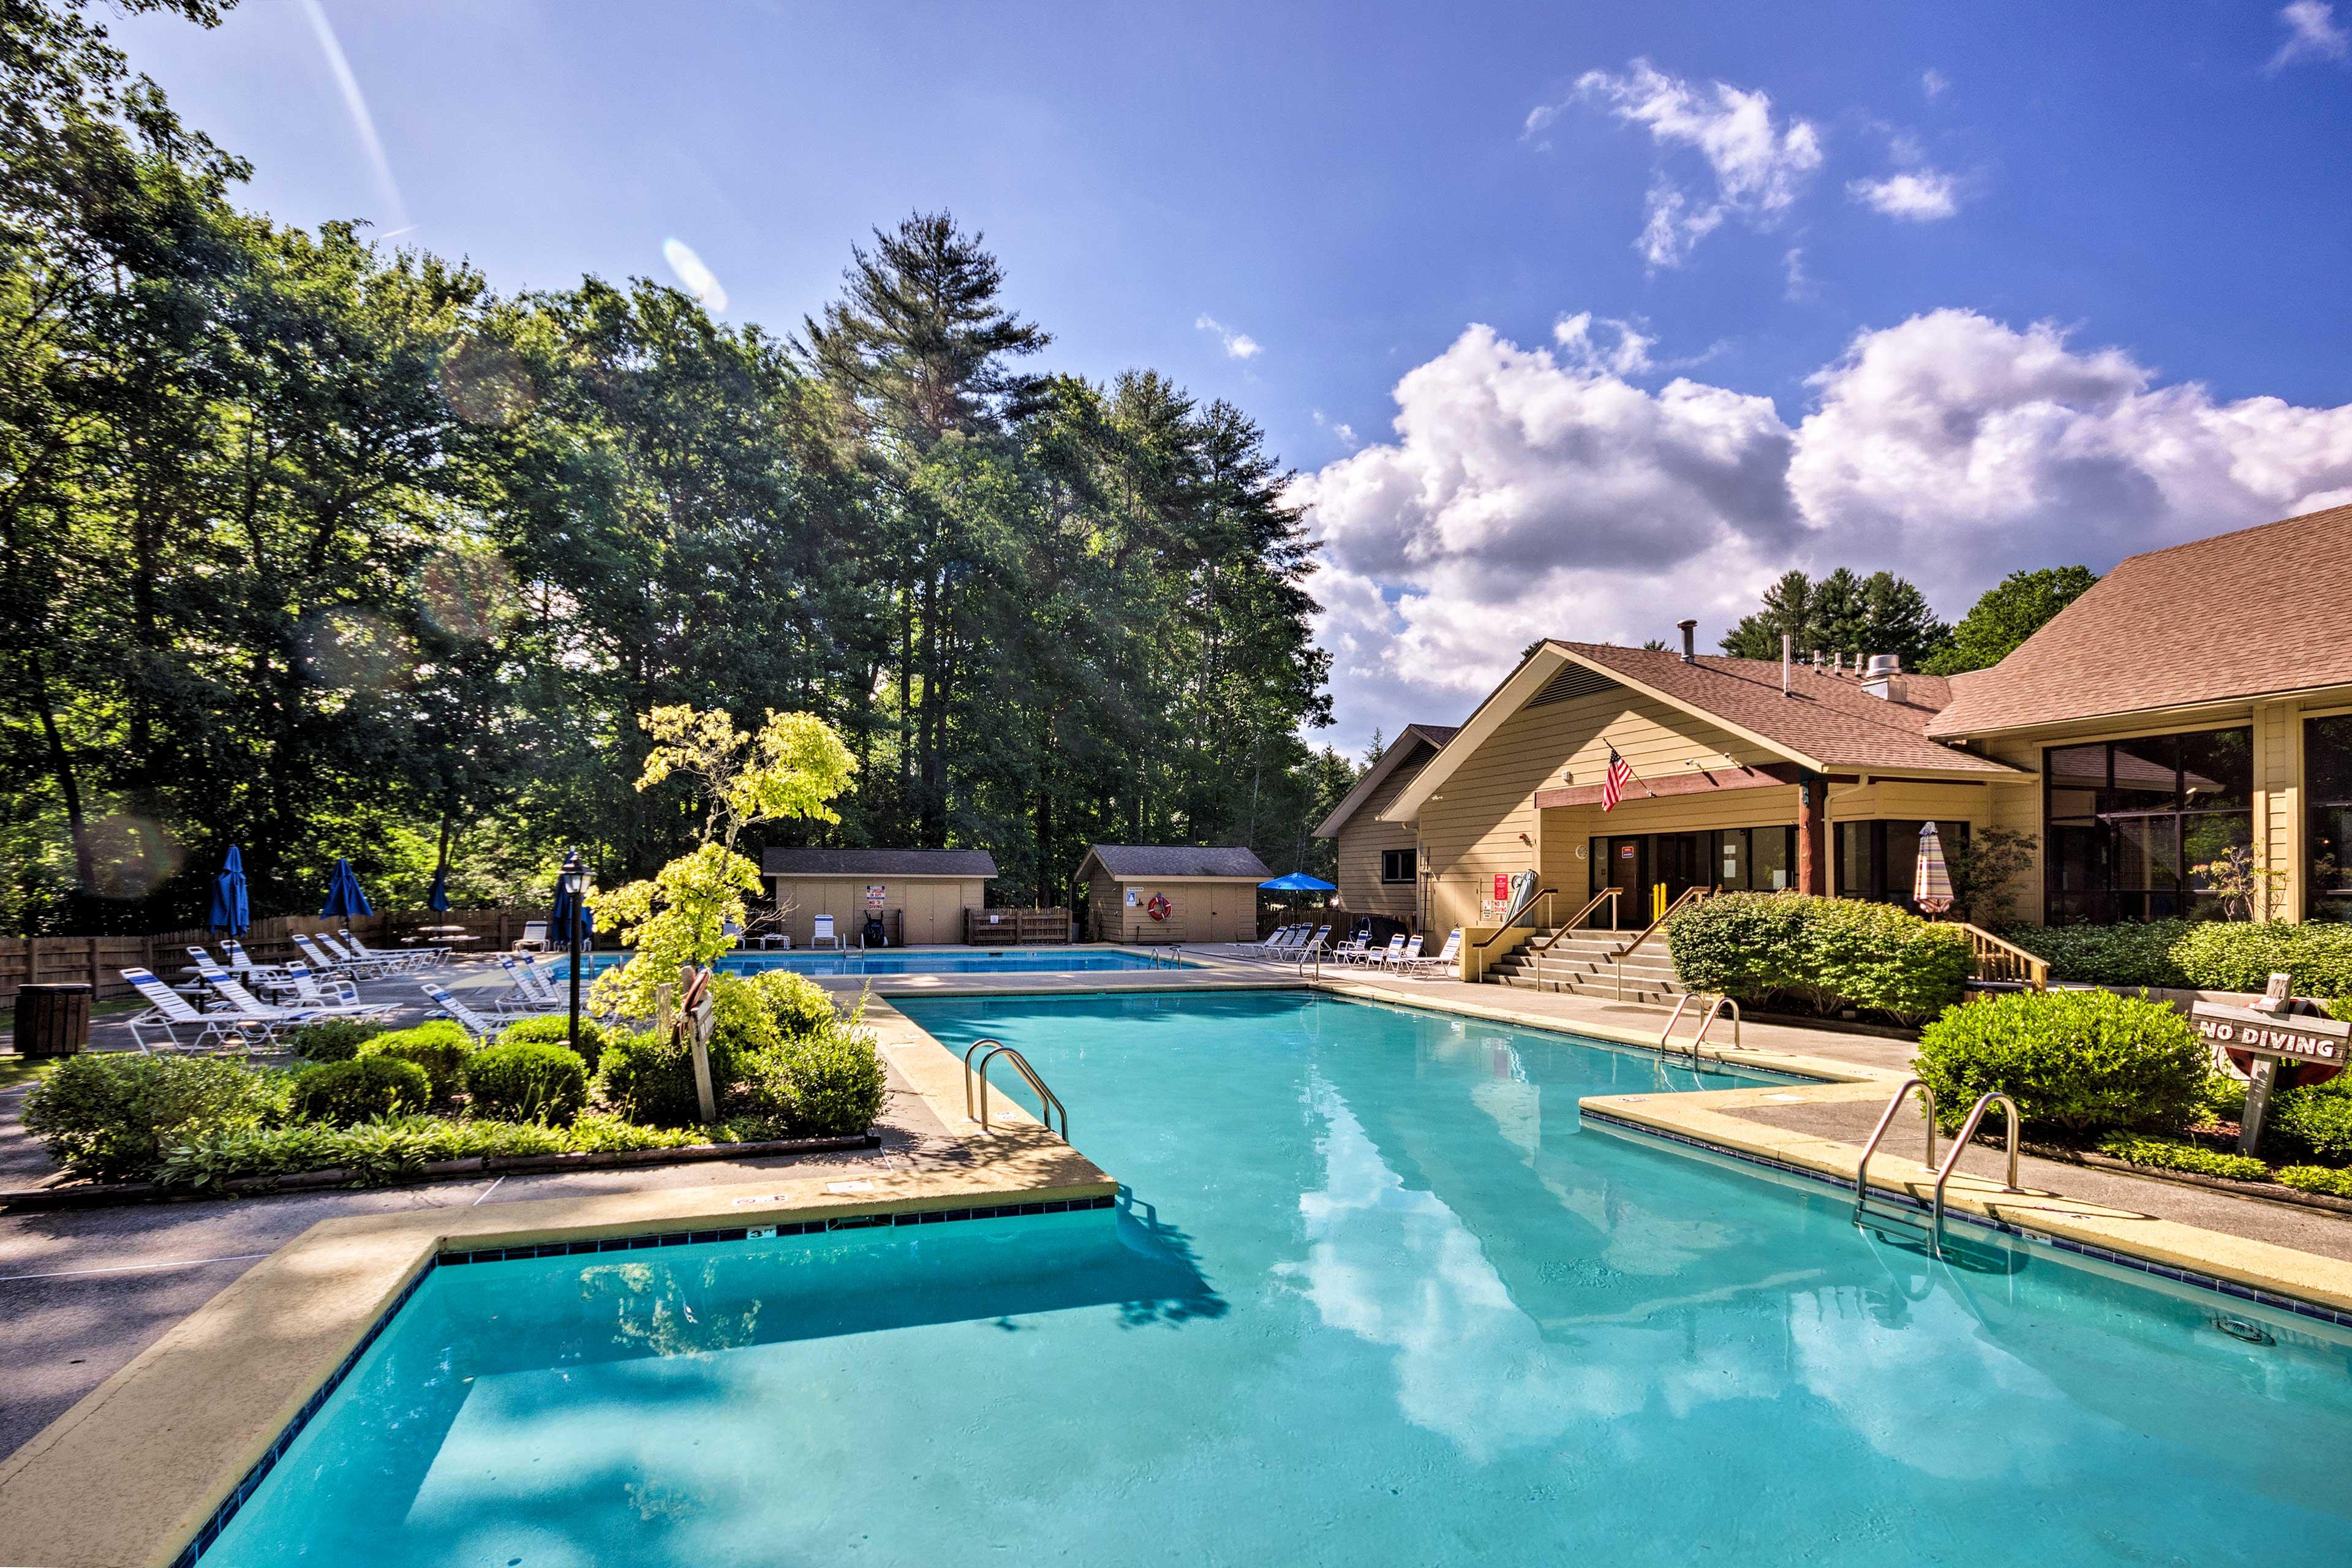 Kids will love splashing around in the pool!